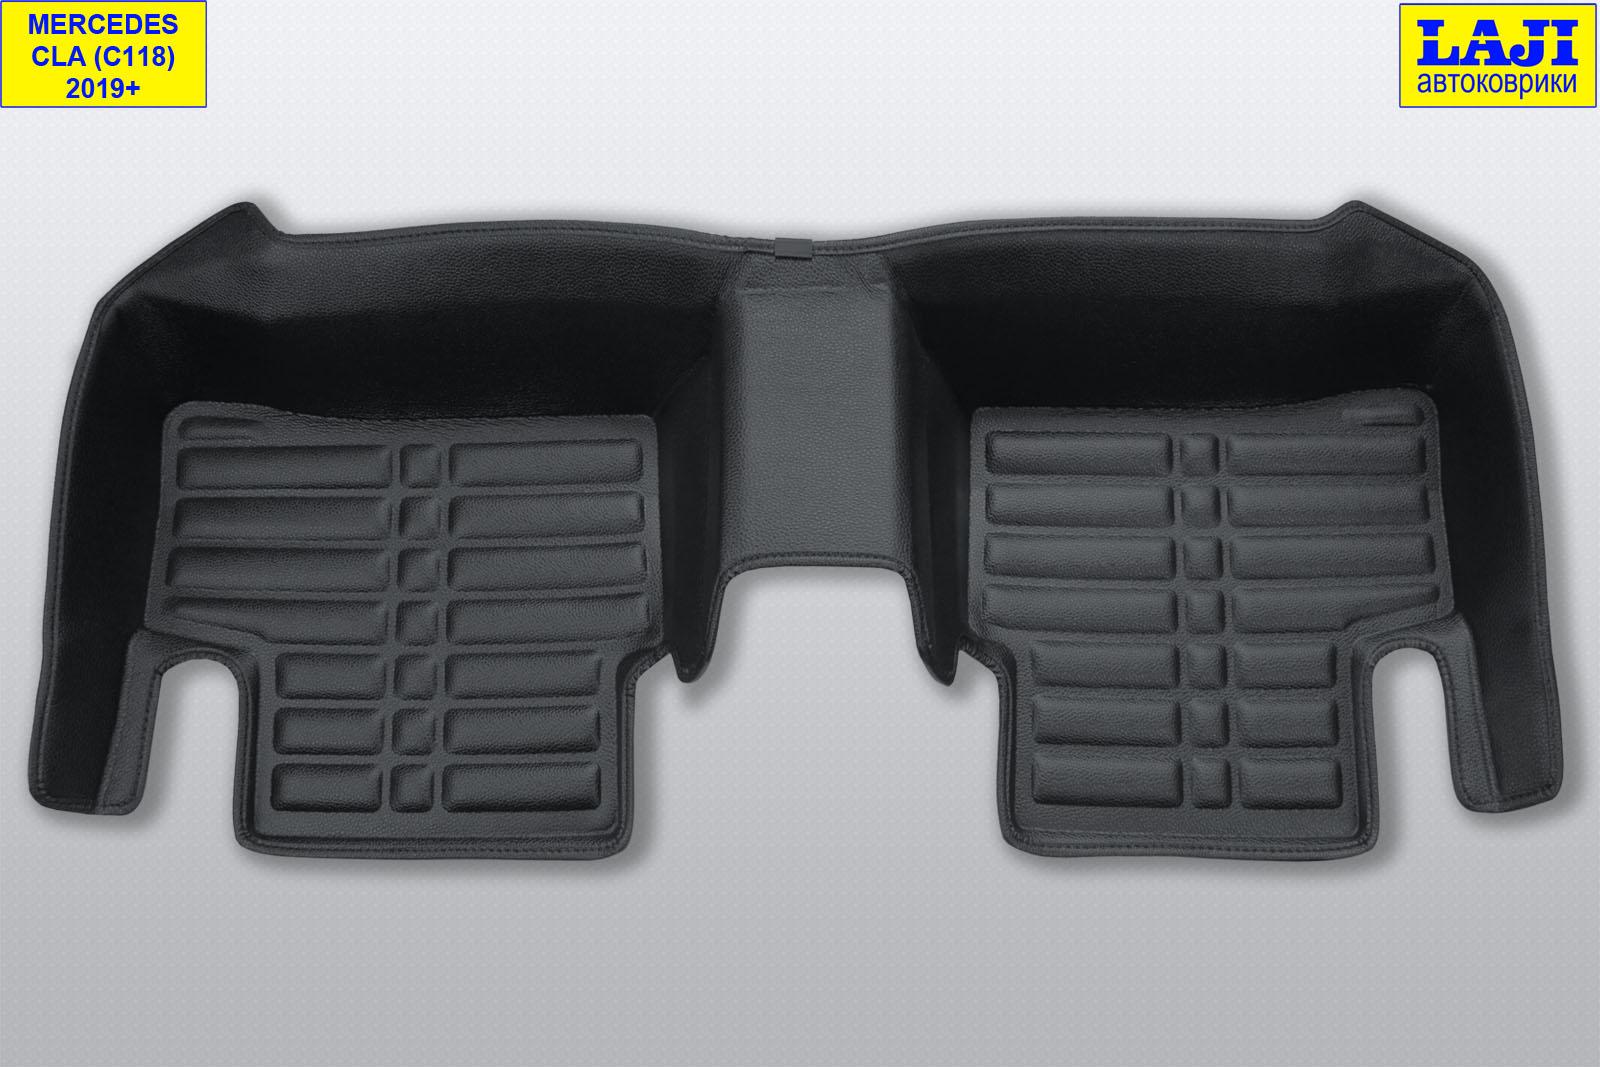 5D коврики в салон Mercedes CLA C118 2019-н.в. 9